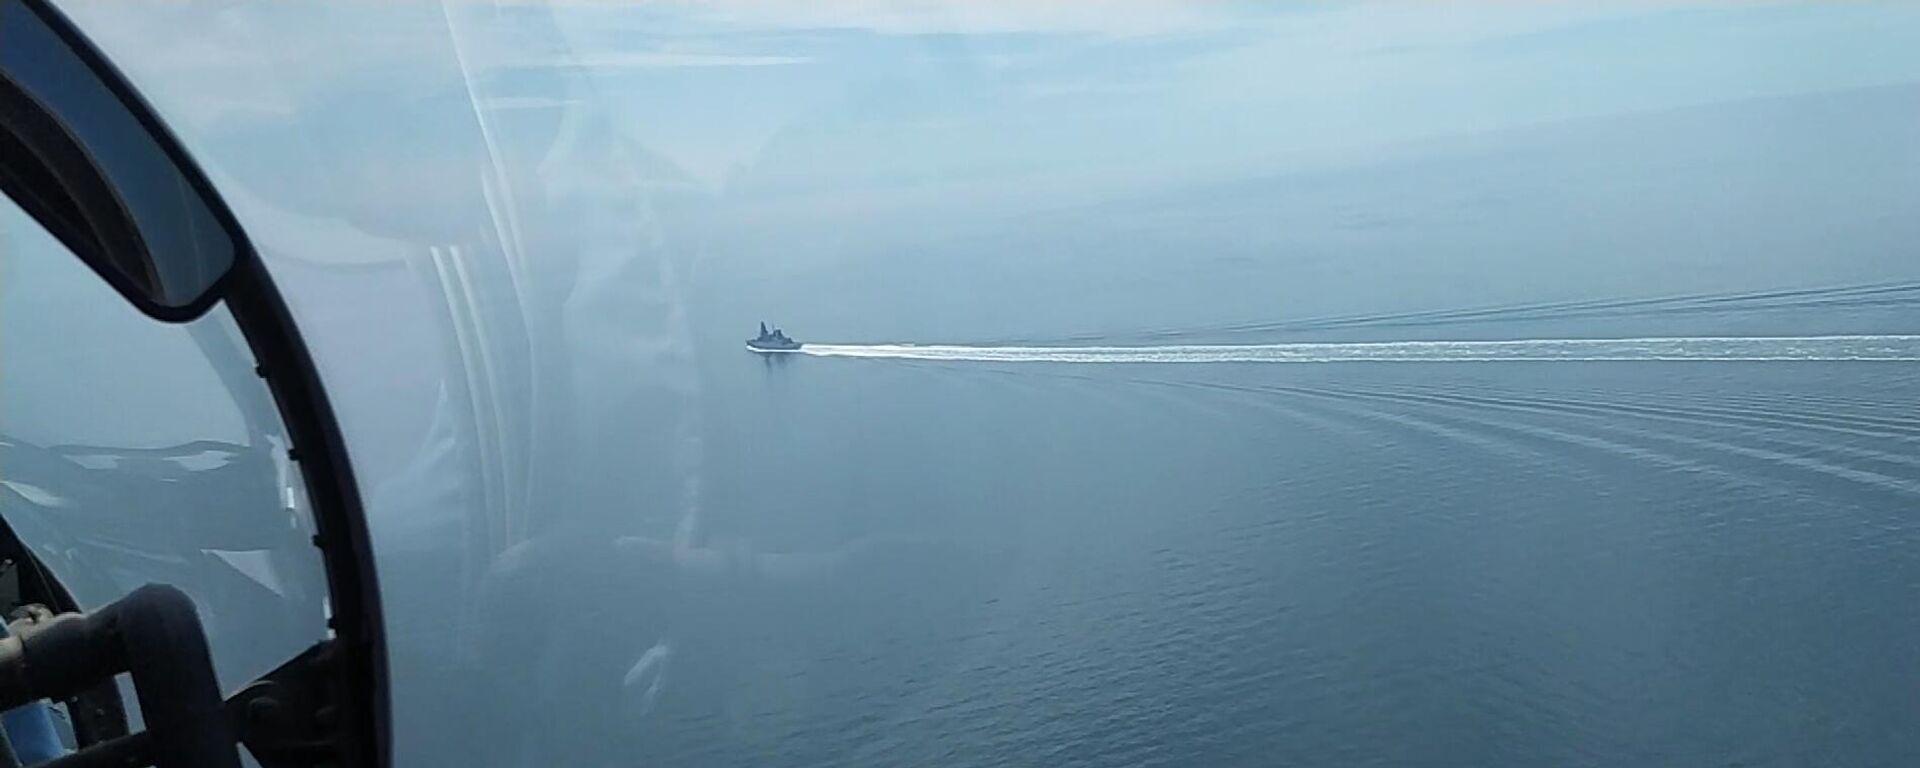 Инцидент с британским эсминцем Defender в Черном море - Sputnik Латвия, 1920, 08.07.2021